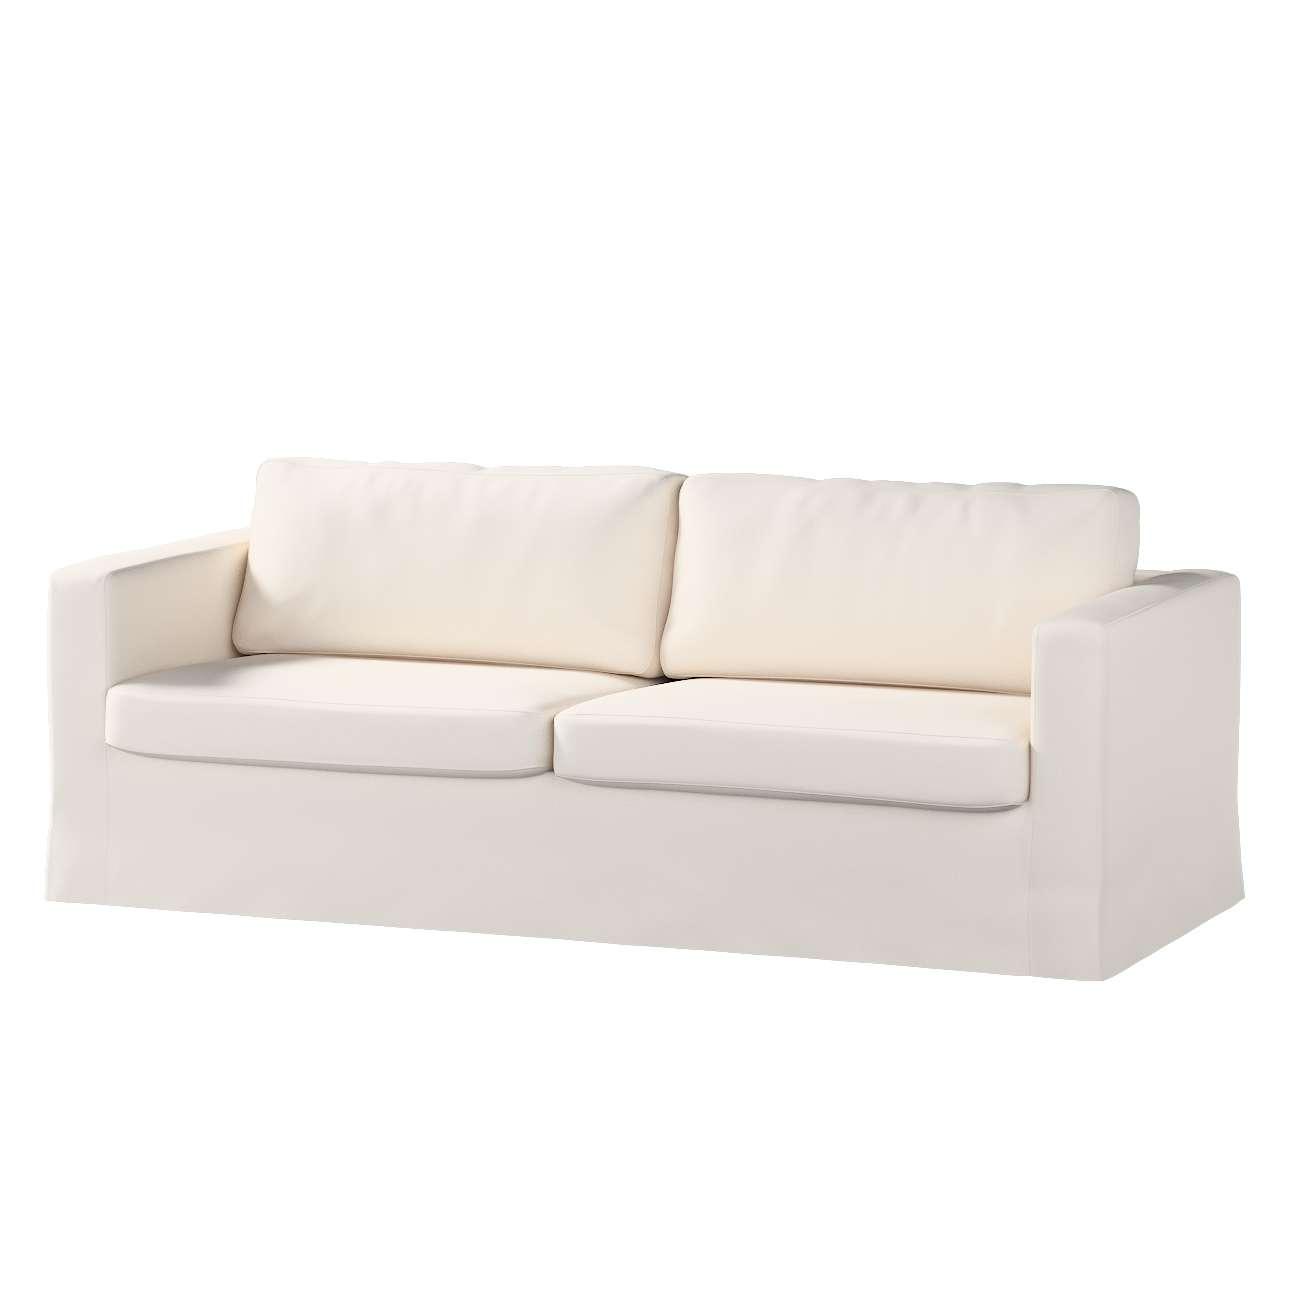 Karlstad 3-Sitzer Sofabezug nicht ausklappbar lang Sofahusse, Karlstad 3-Sitzer von der Kollektion Etna, Stoff: 705-01